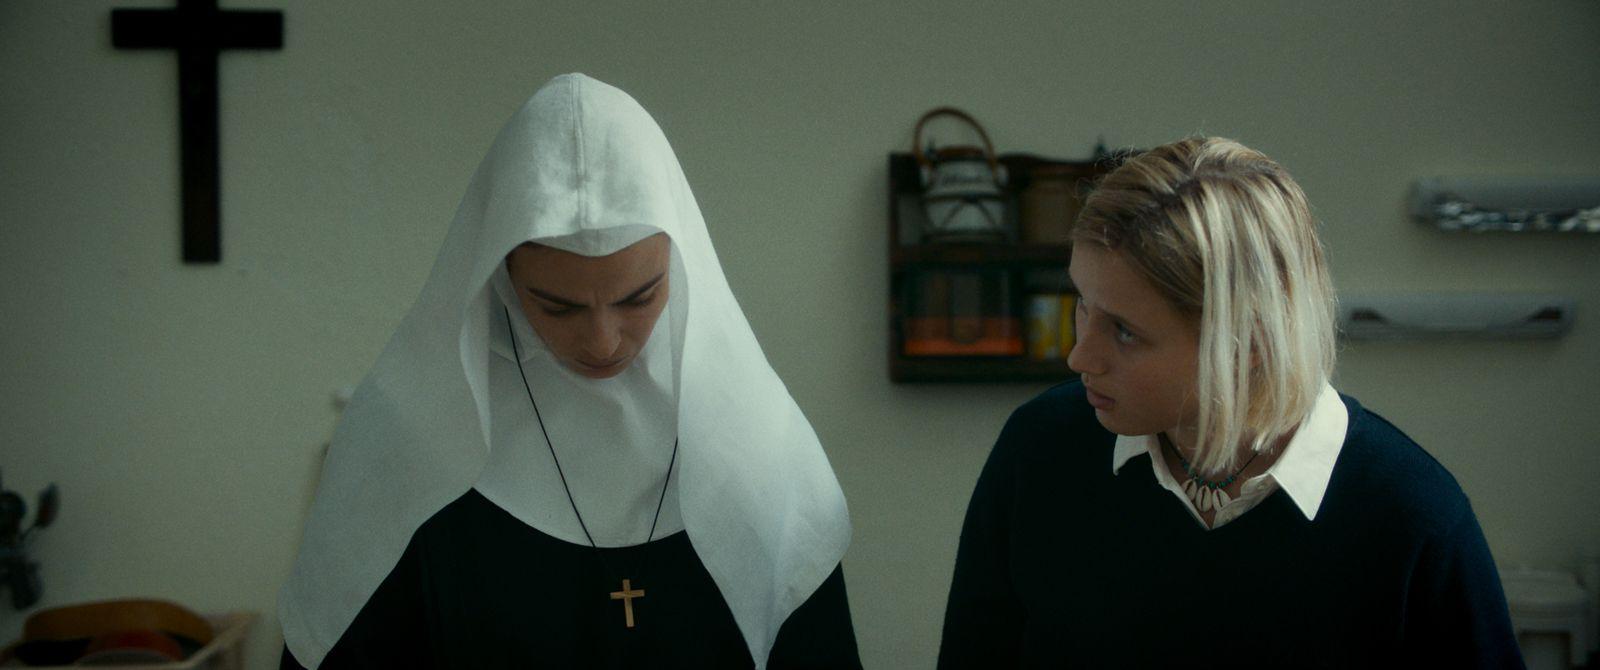 De l'or pour les chiens (BANDE-ANNONCE) avec Talullah Cassavetti, Julie Depardieu, Carole Franck - Le 25 novembre 2020 au cinéma